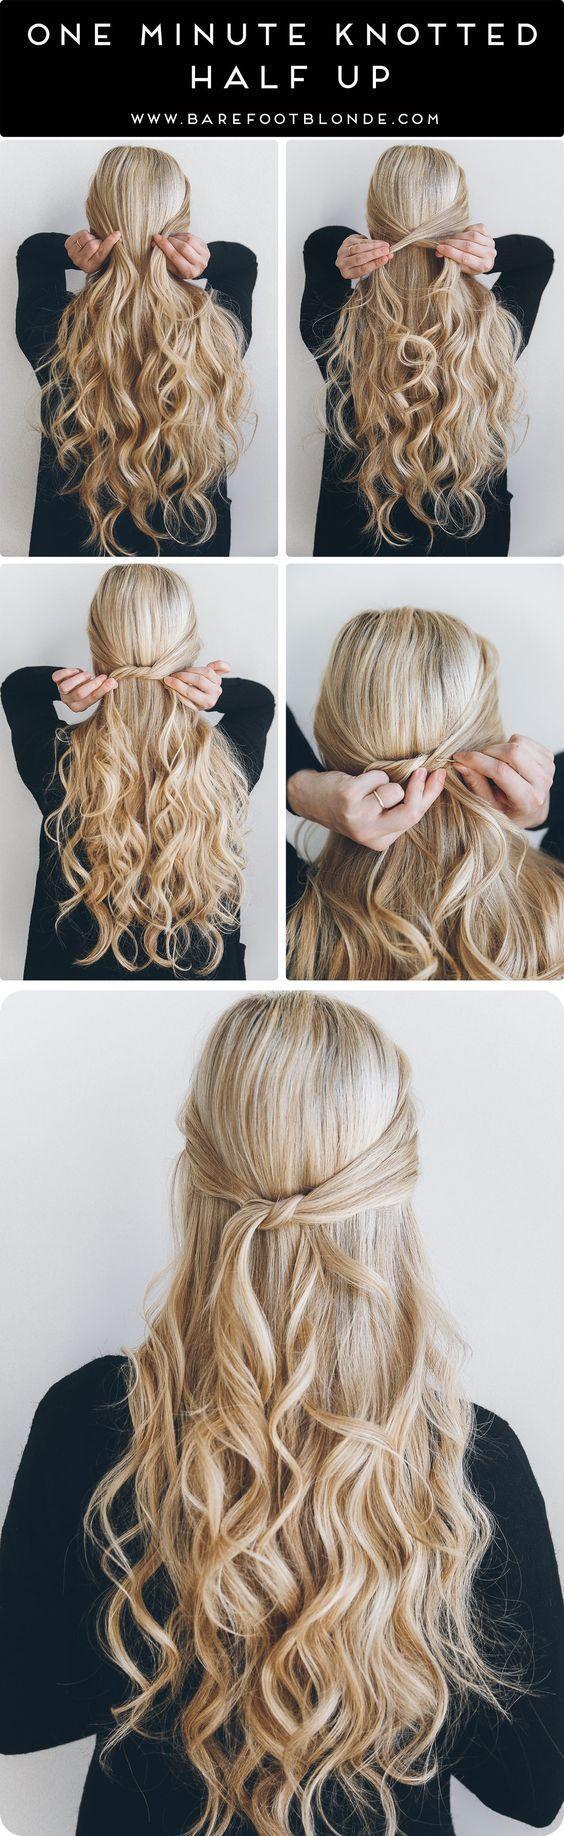 10 Tutos Cheveux Faciles Pour Les Paresseuses Coiffure Facile Coiffure Coiffures Simples